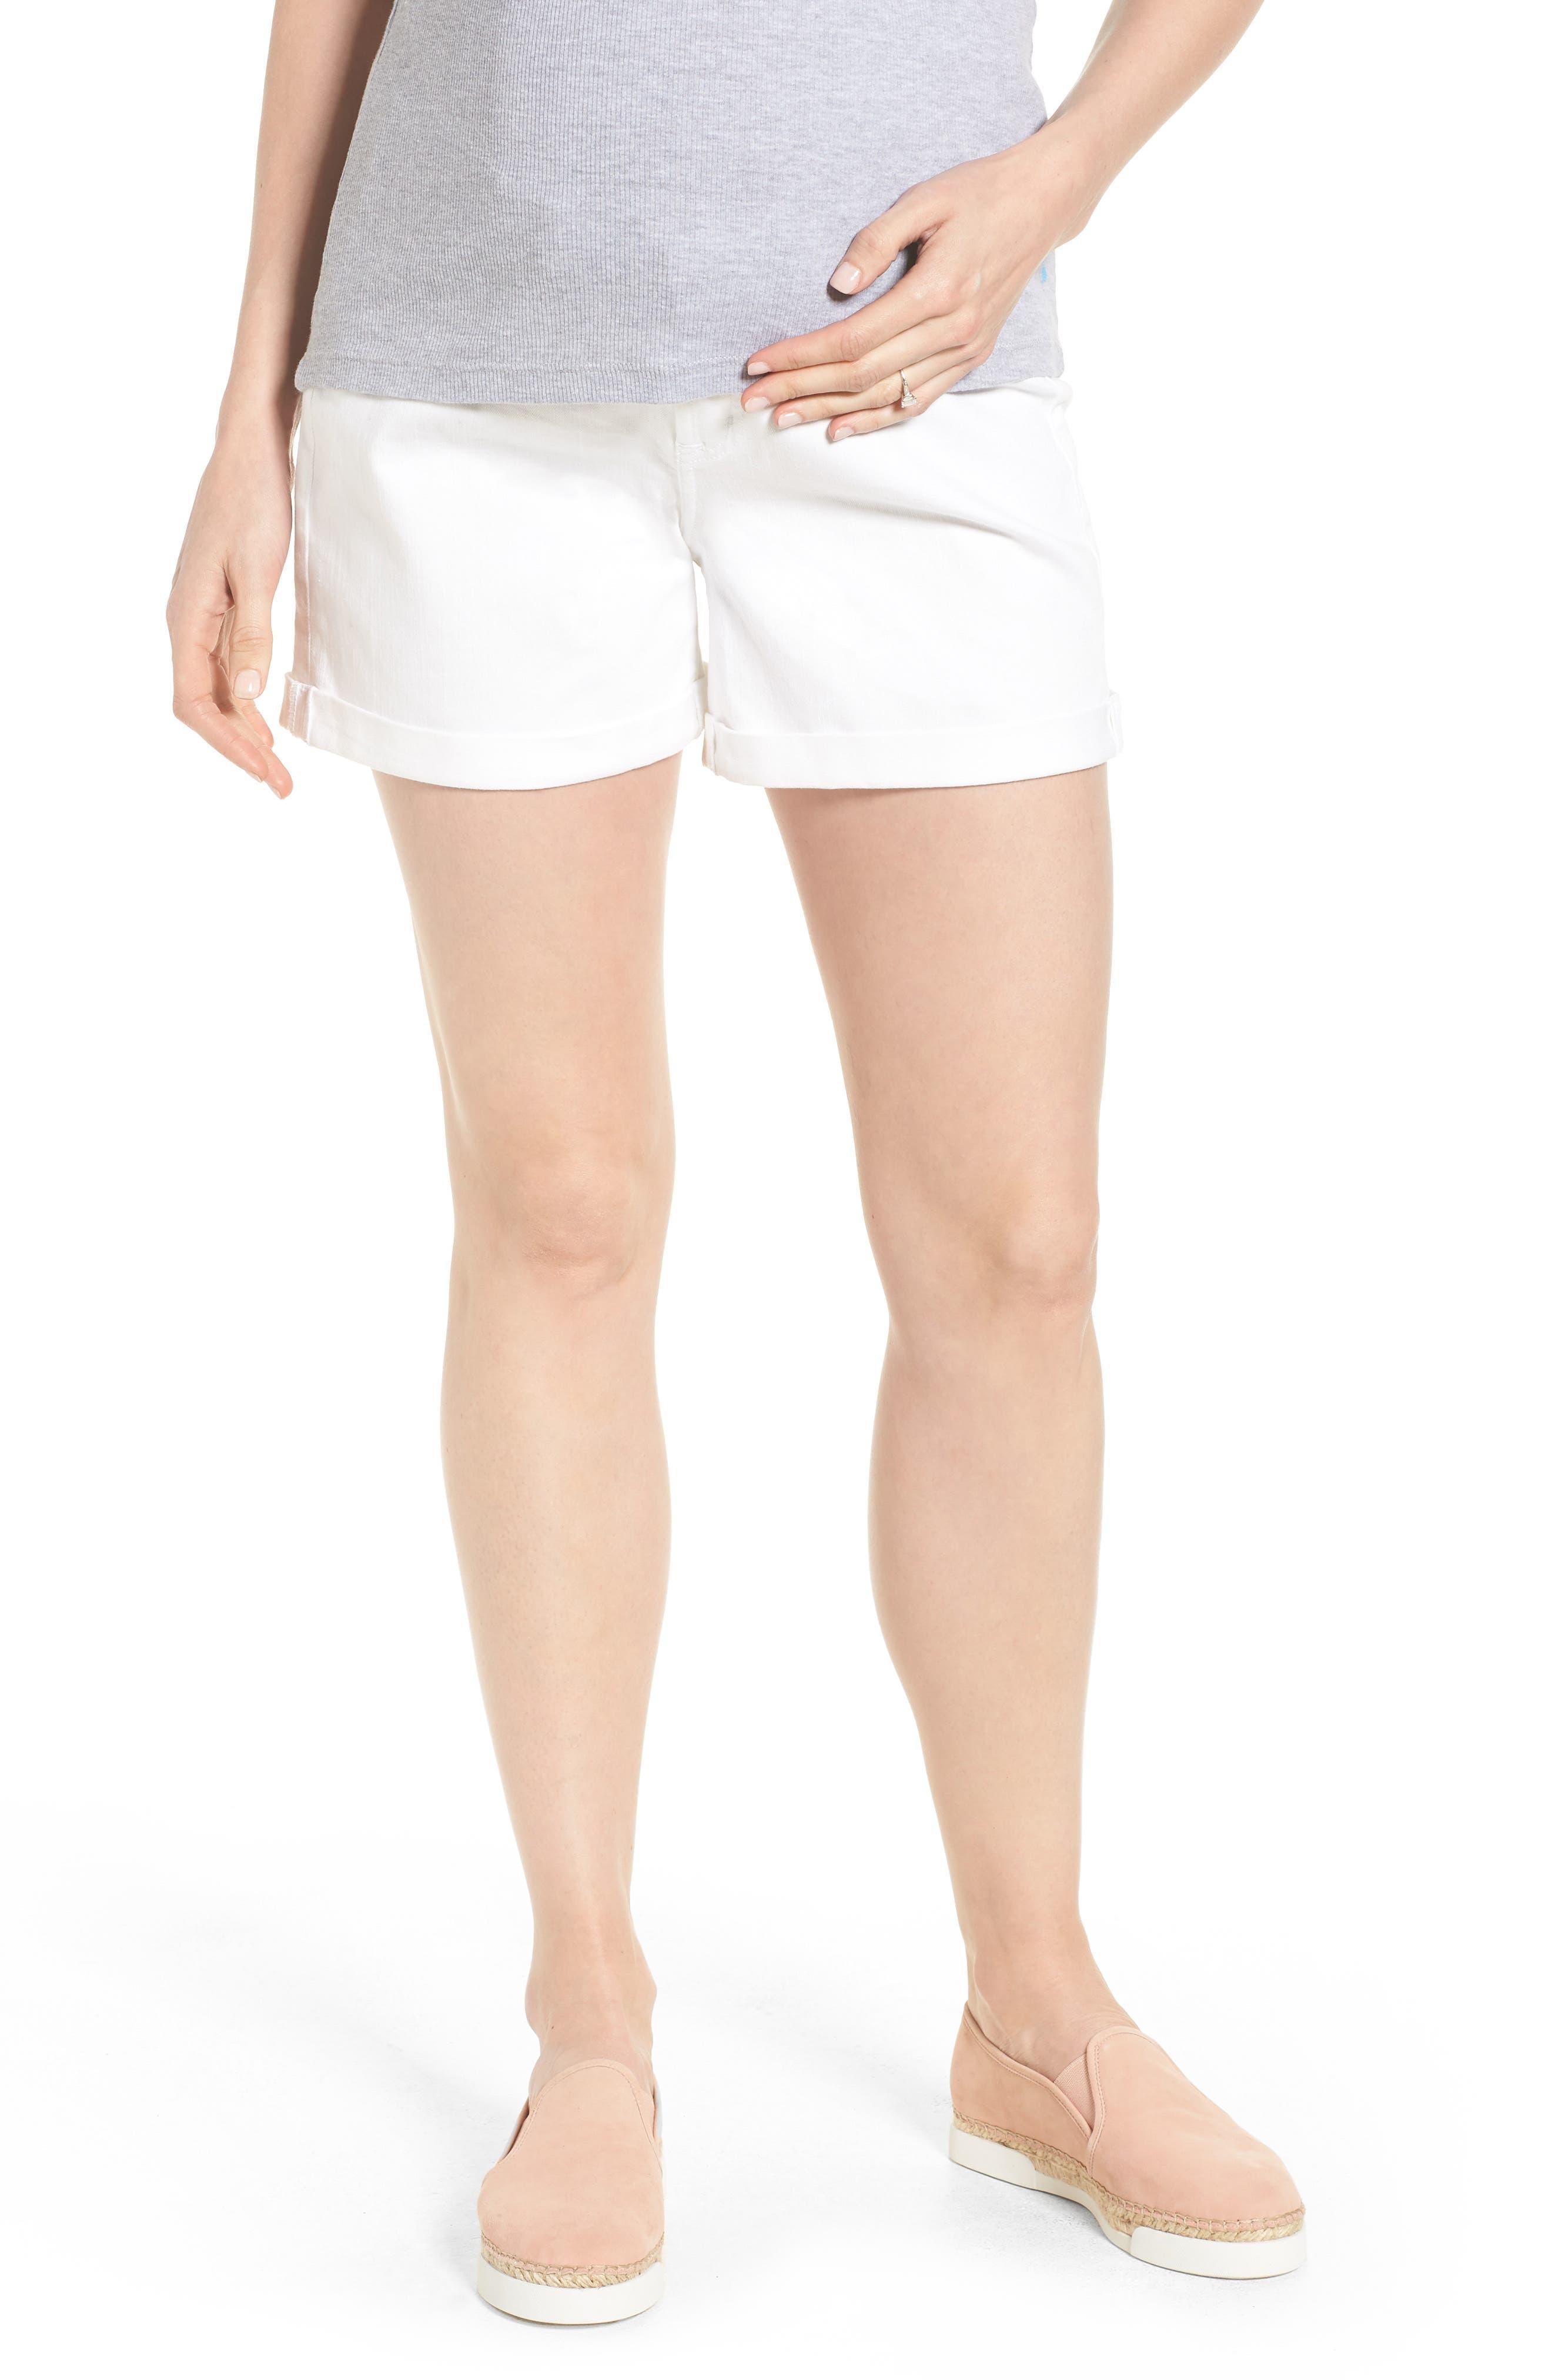 Mia Maternity Boyfriend Shorts,                         Main,                         color, White